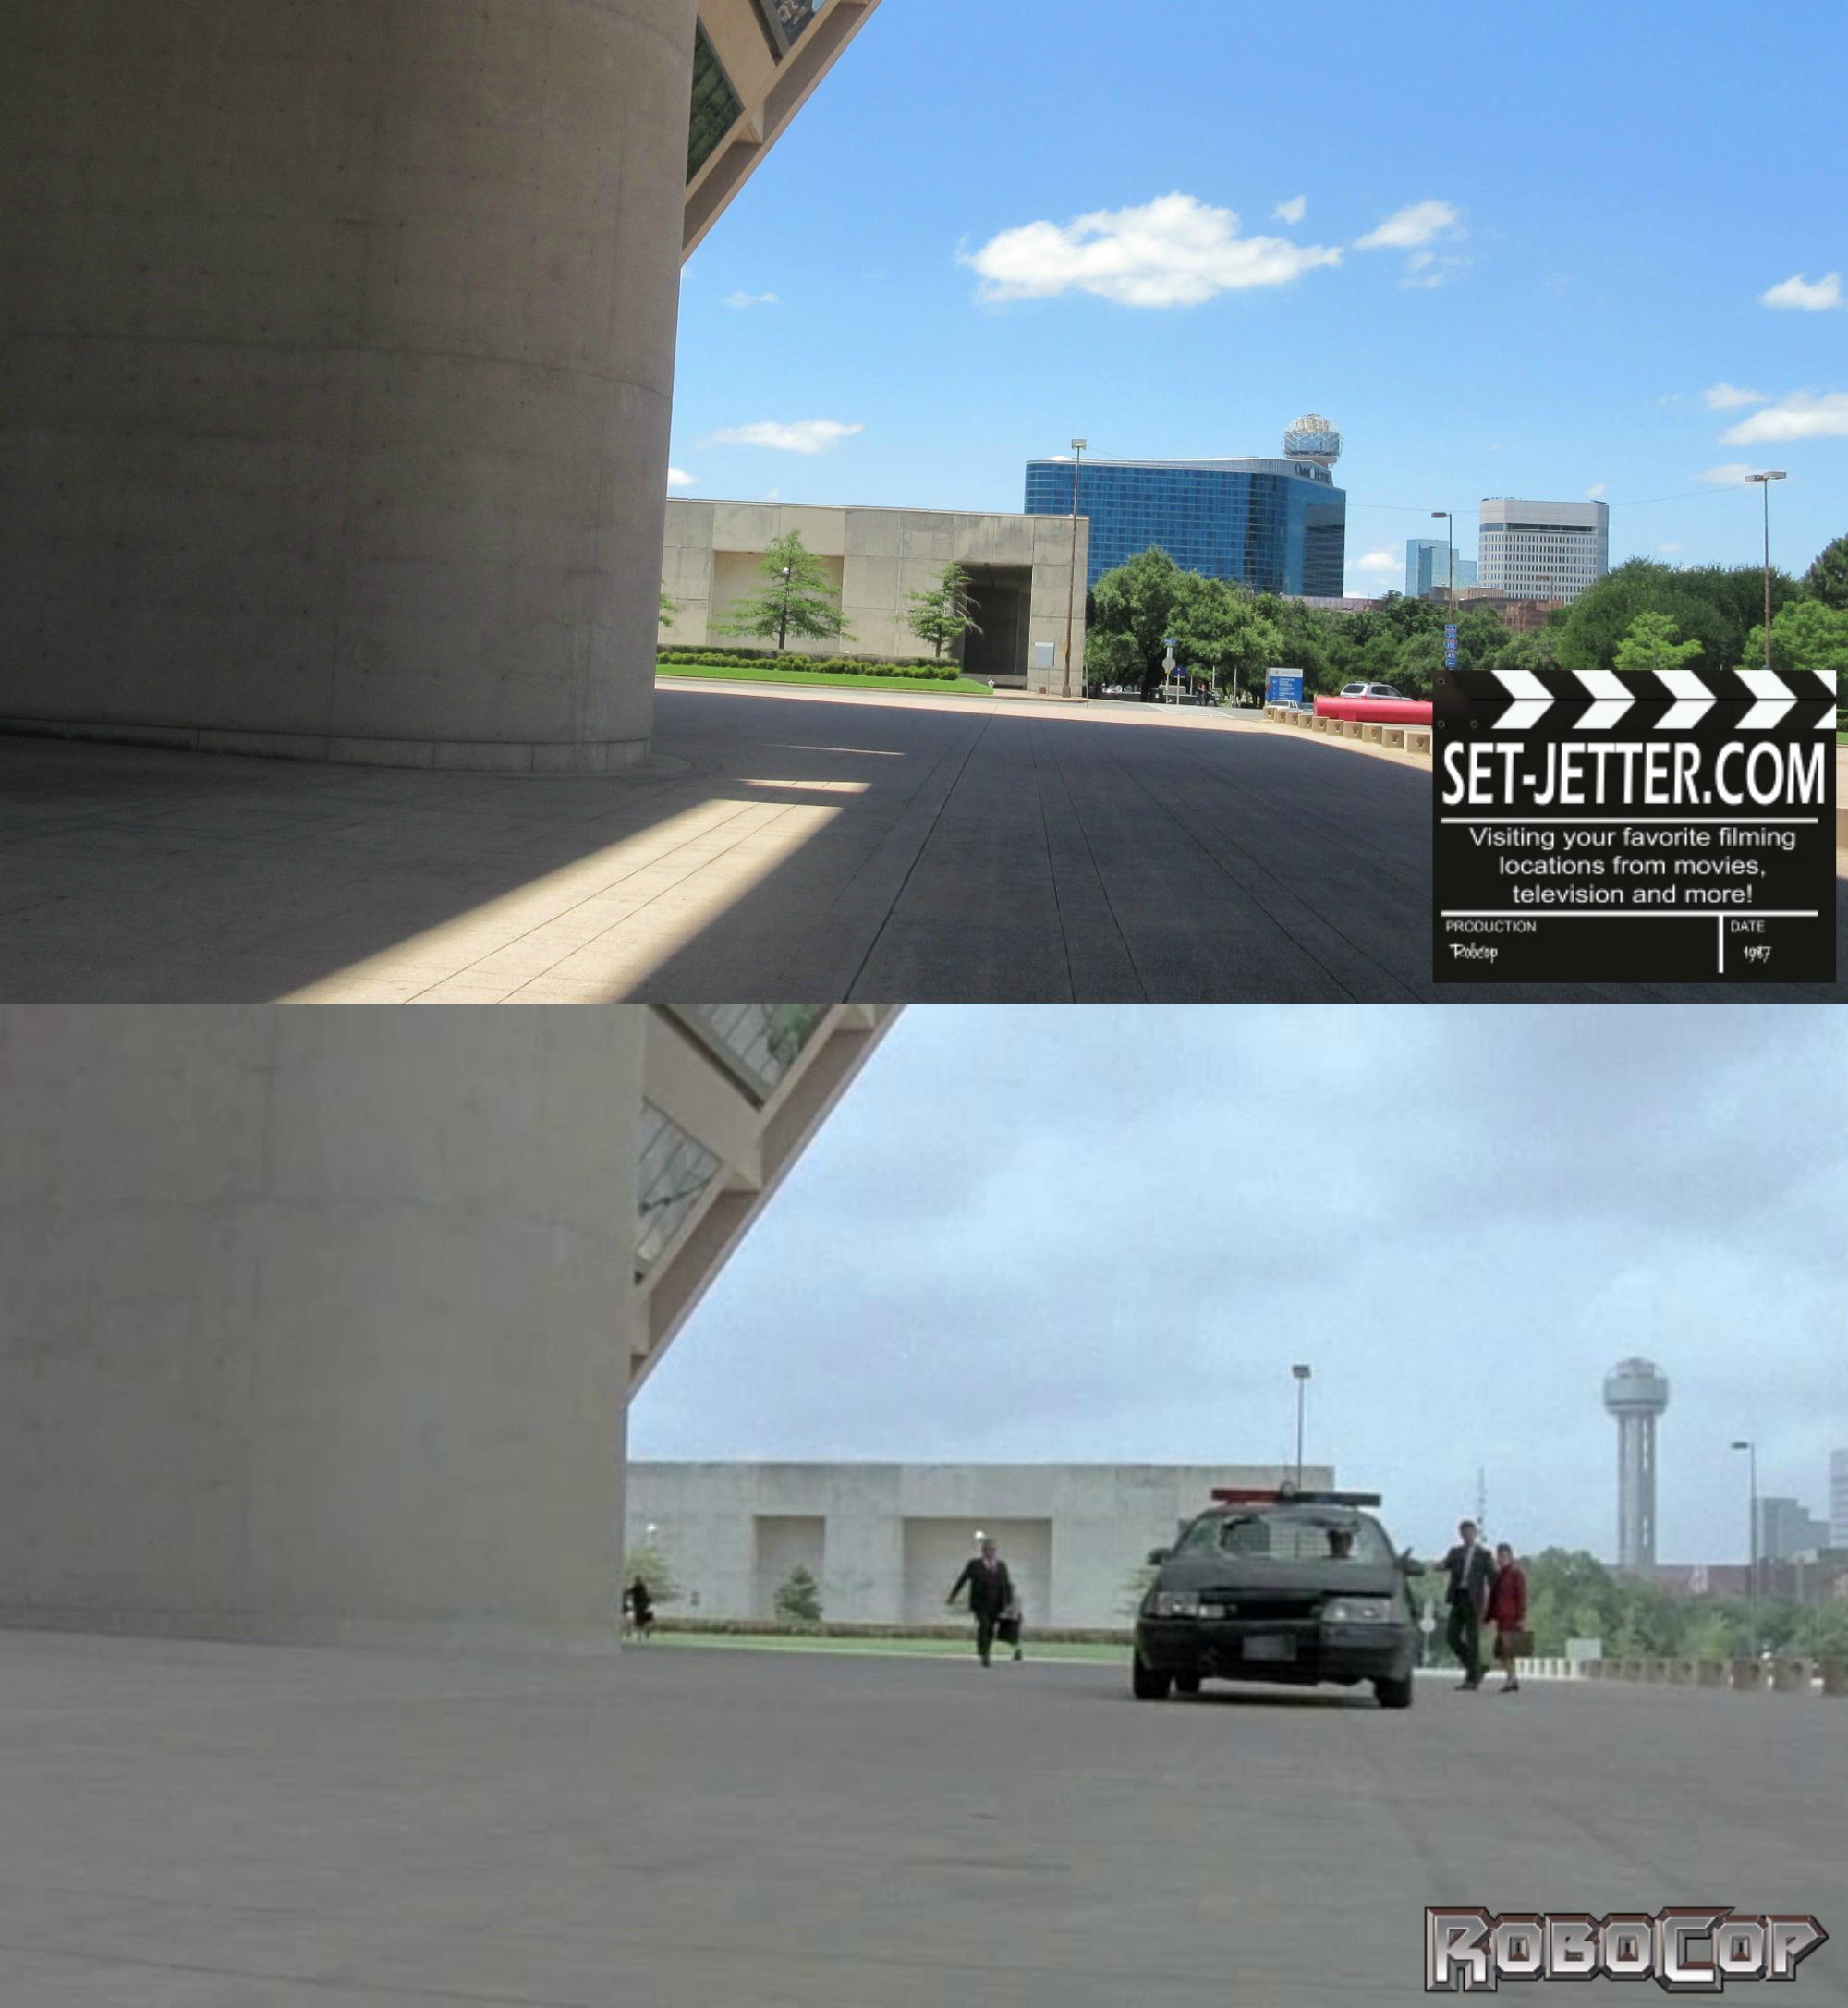 Robocop comparison 153.jpg